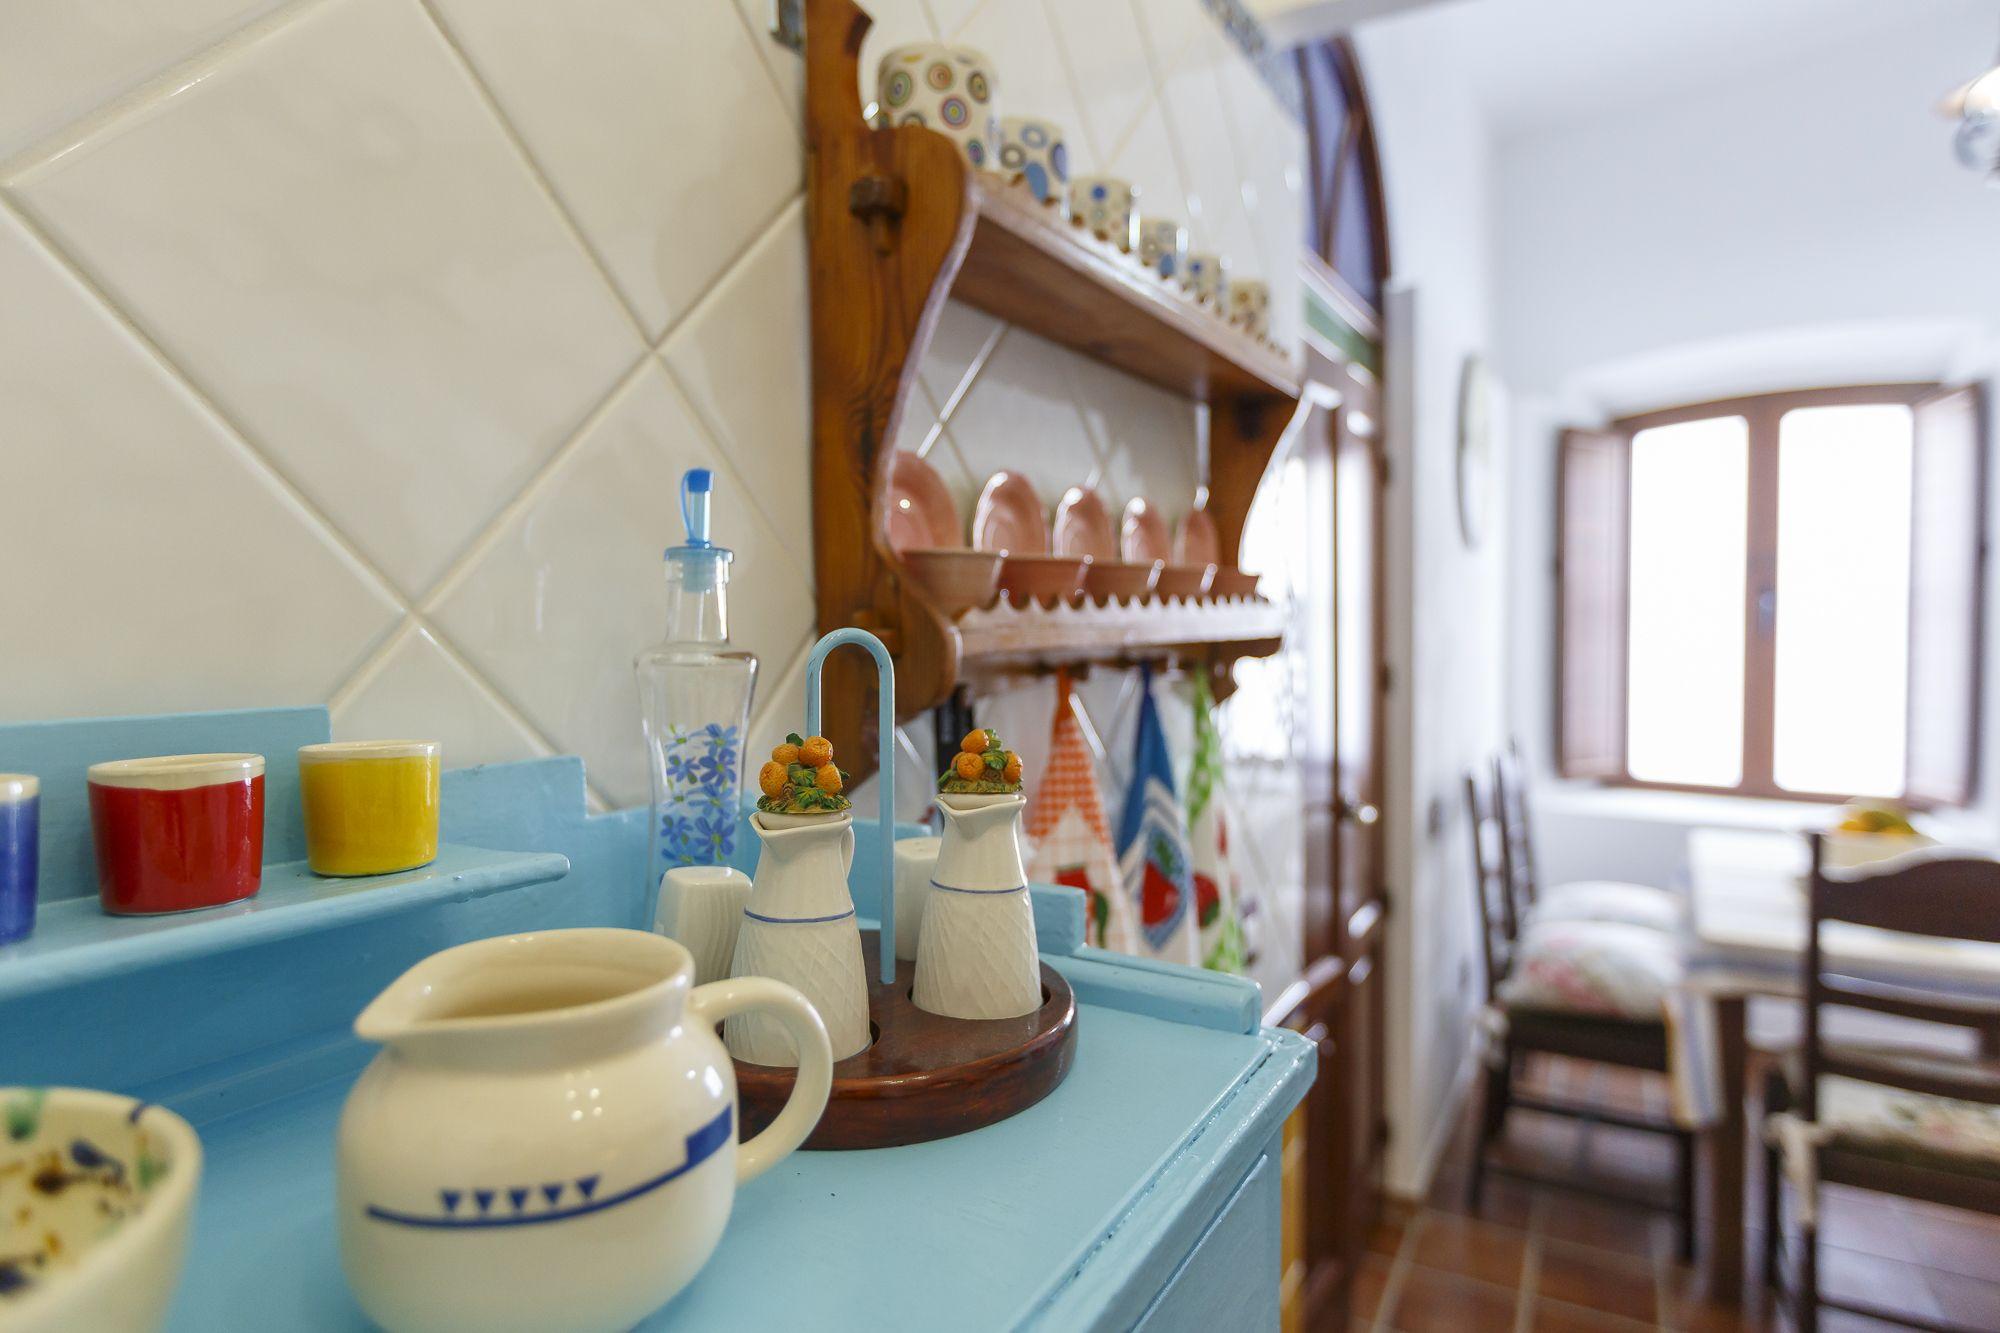 Fresquera y vajilla de barro en cocina con muebles ...